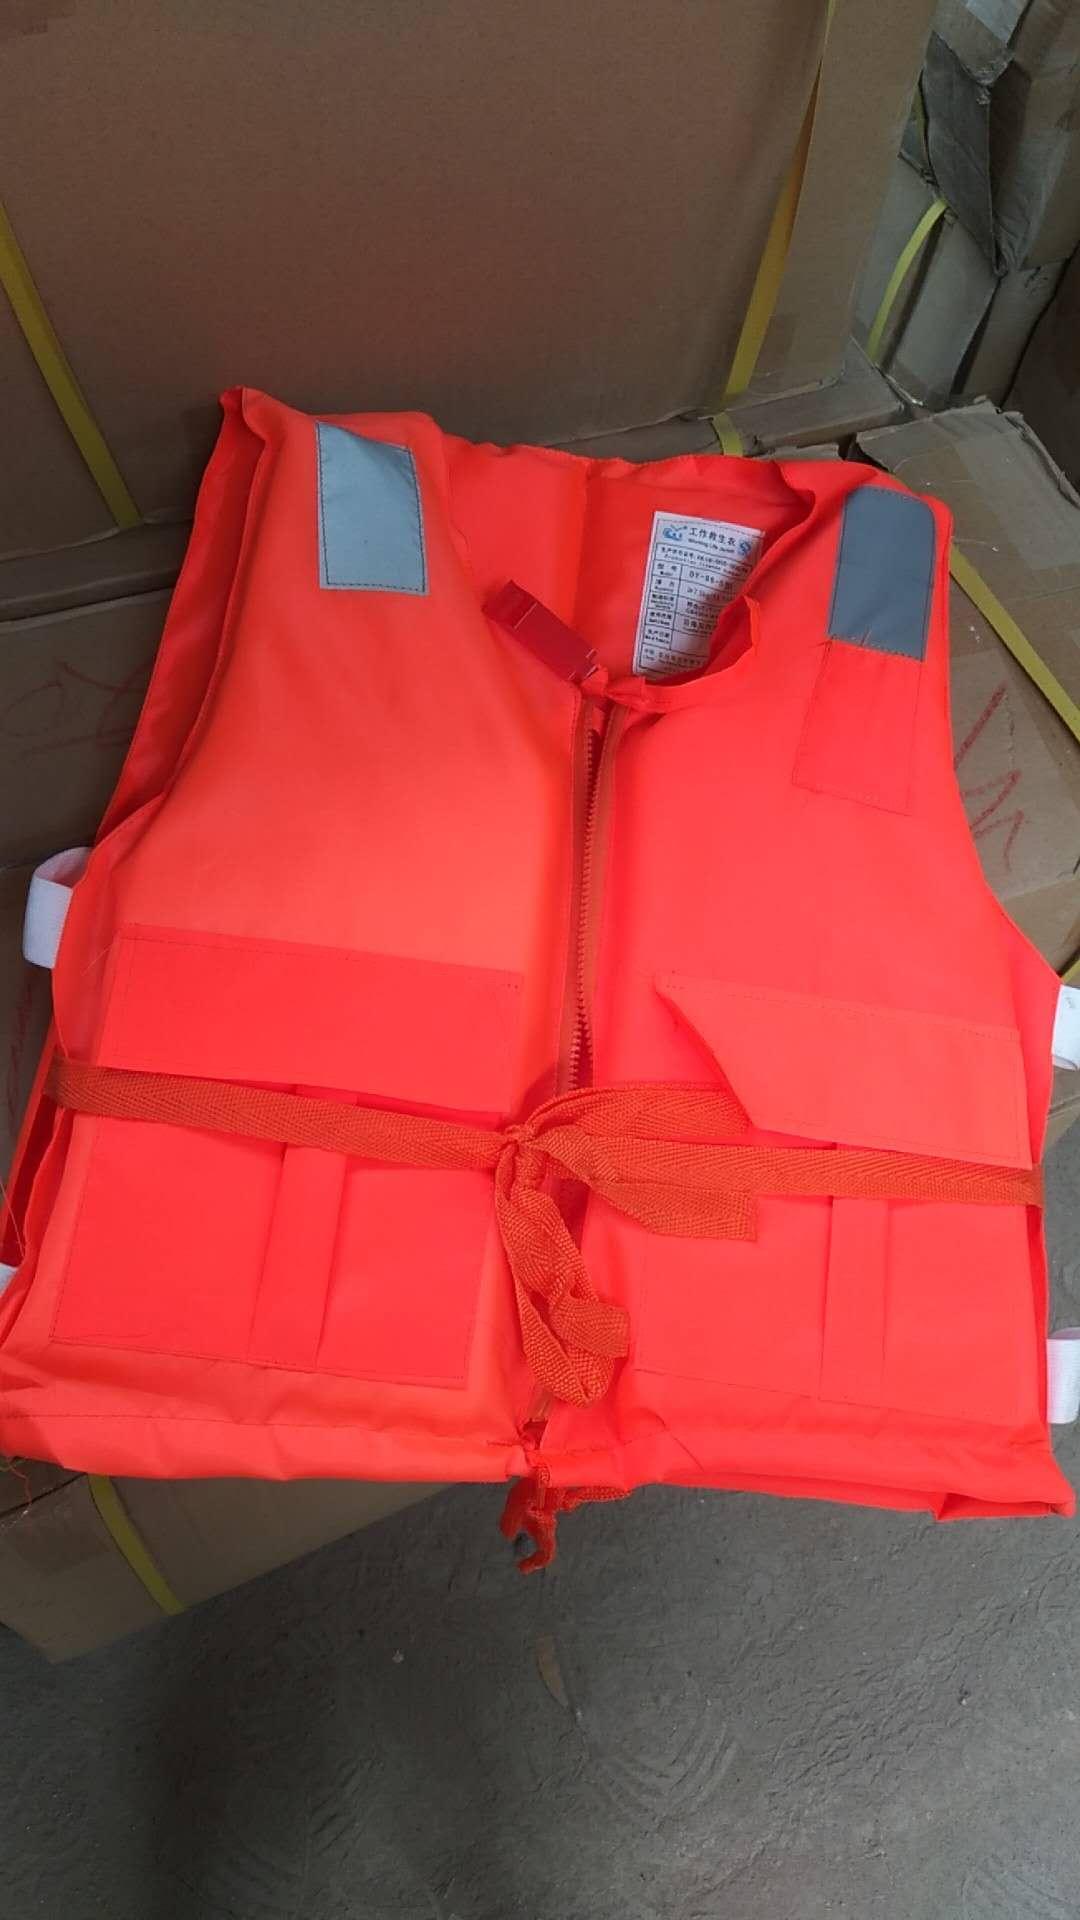 救生衣批发供应厂家-沈阳区域有品质的救生衣